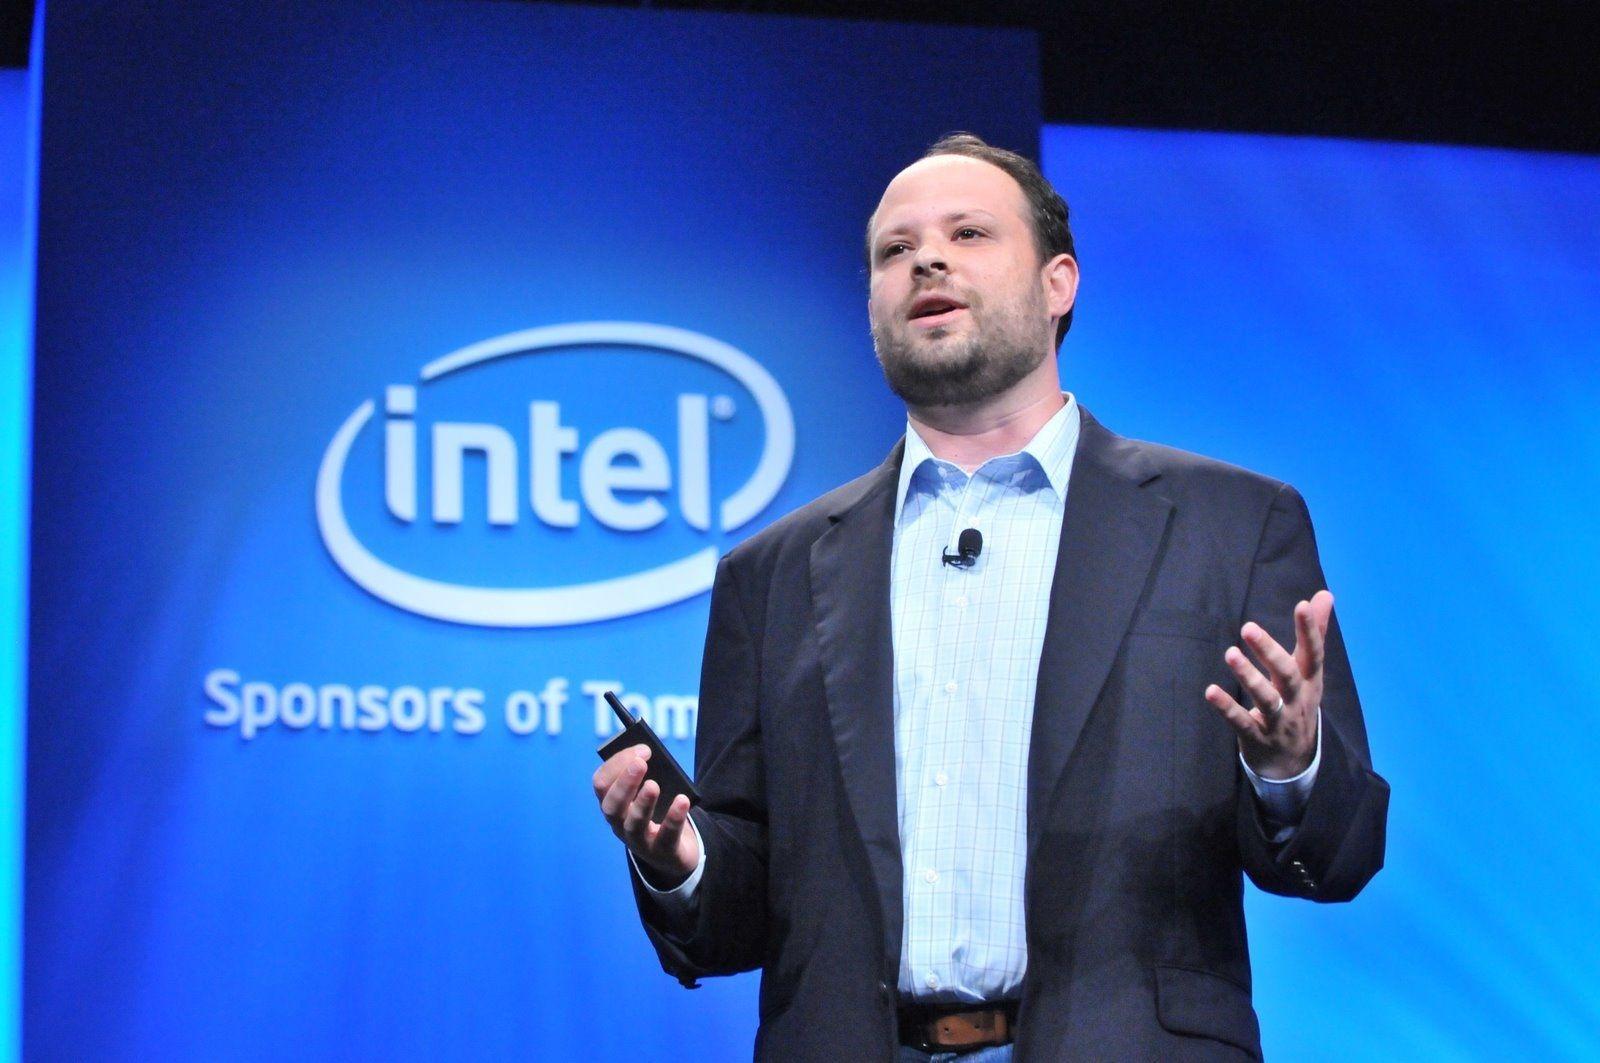 Один из разработчиков Intel рассказал о проблеме новых процессоров Xeon